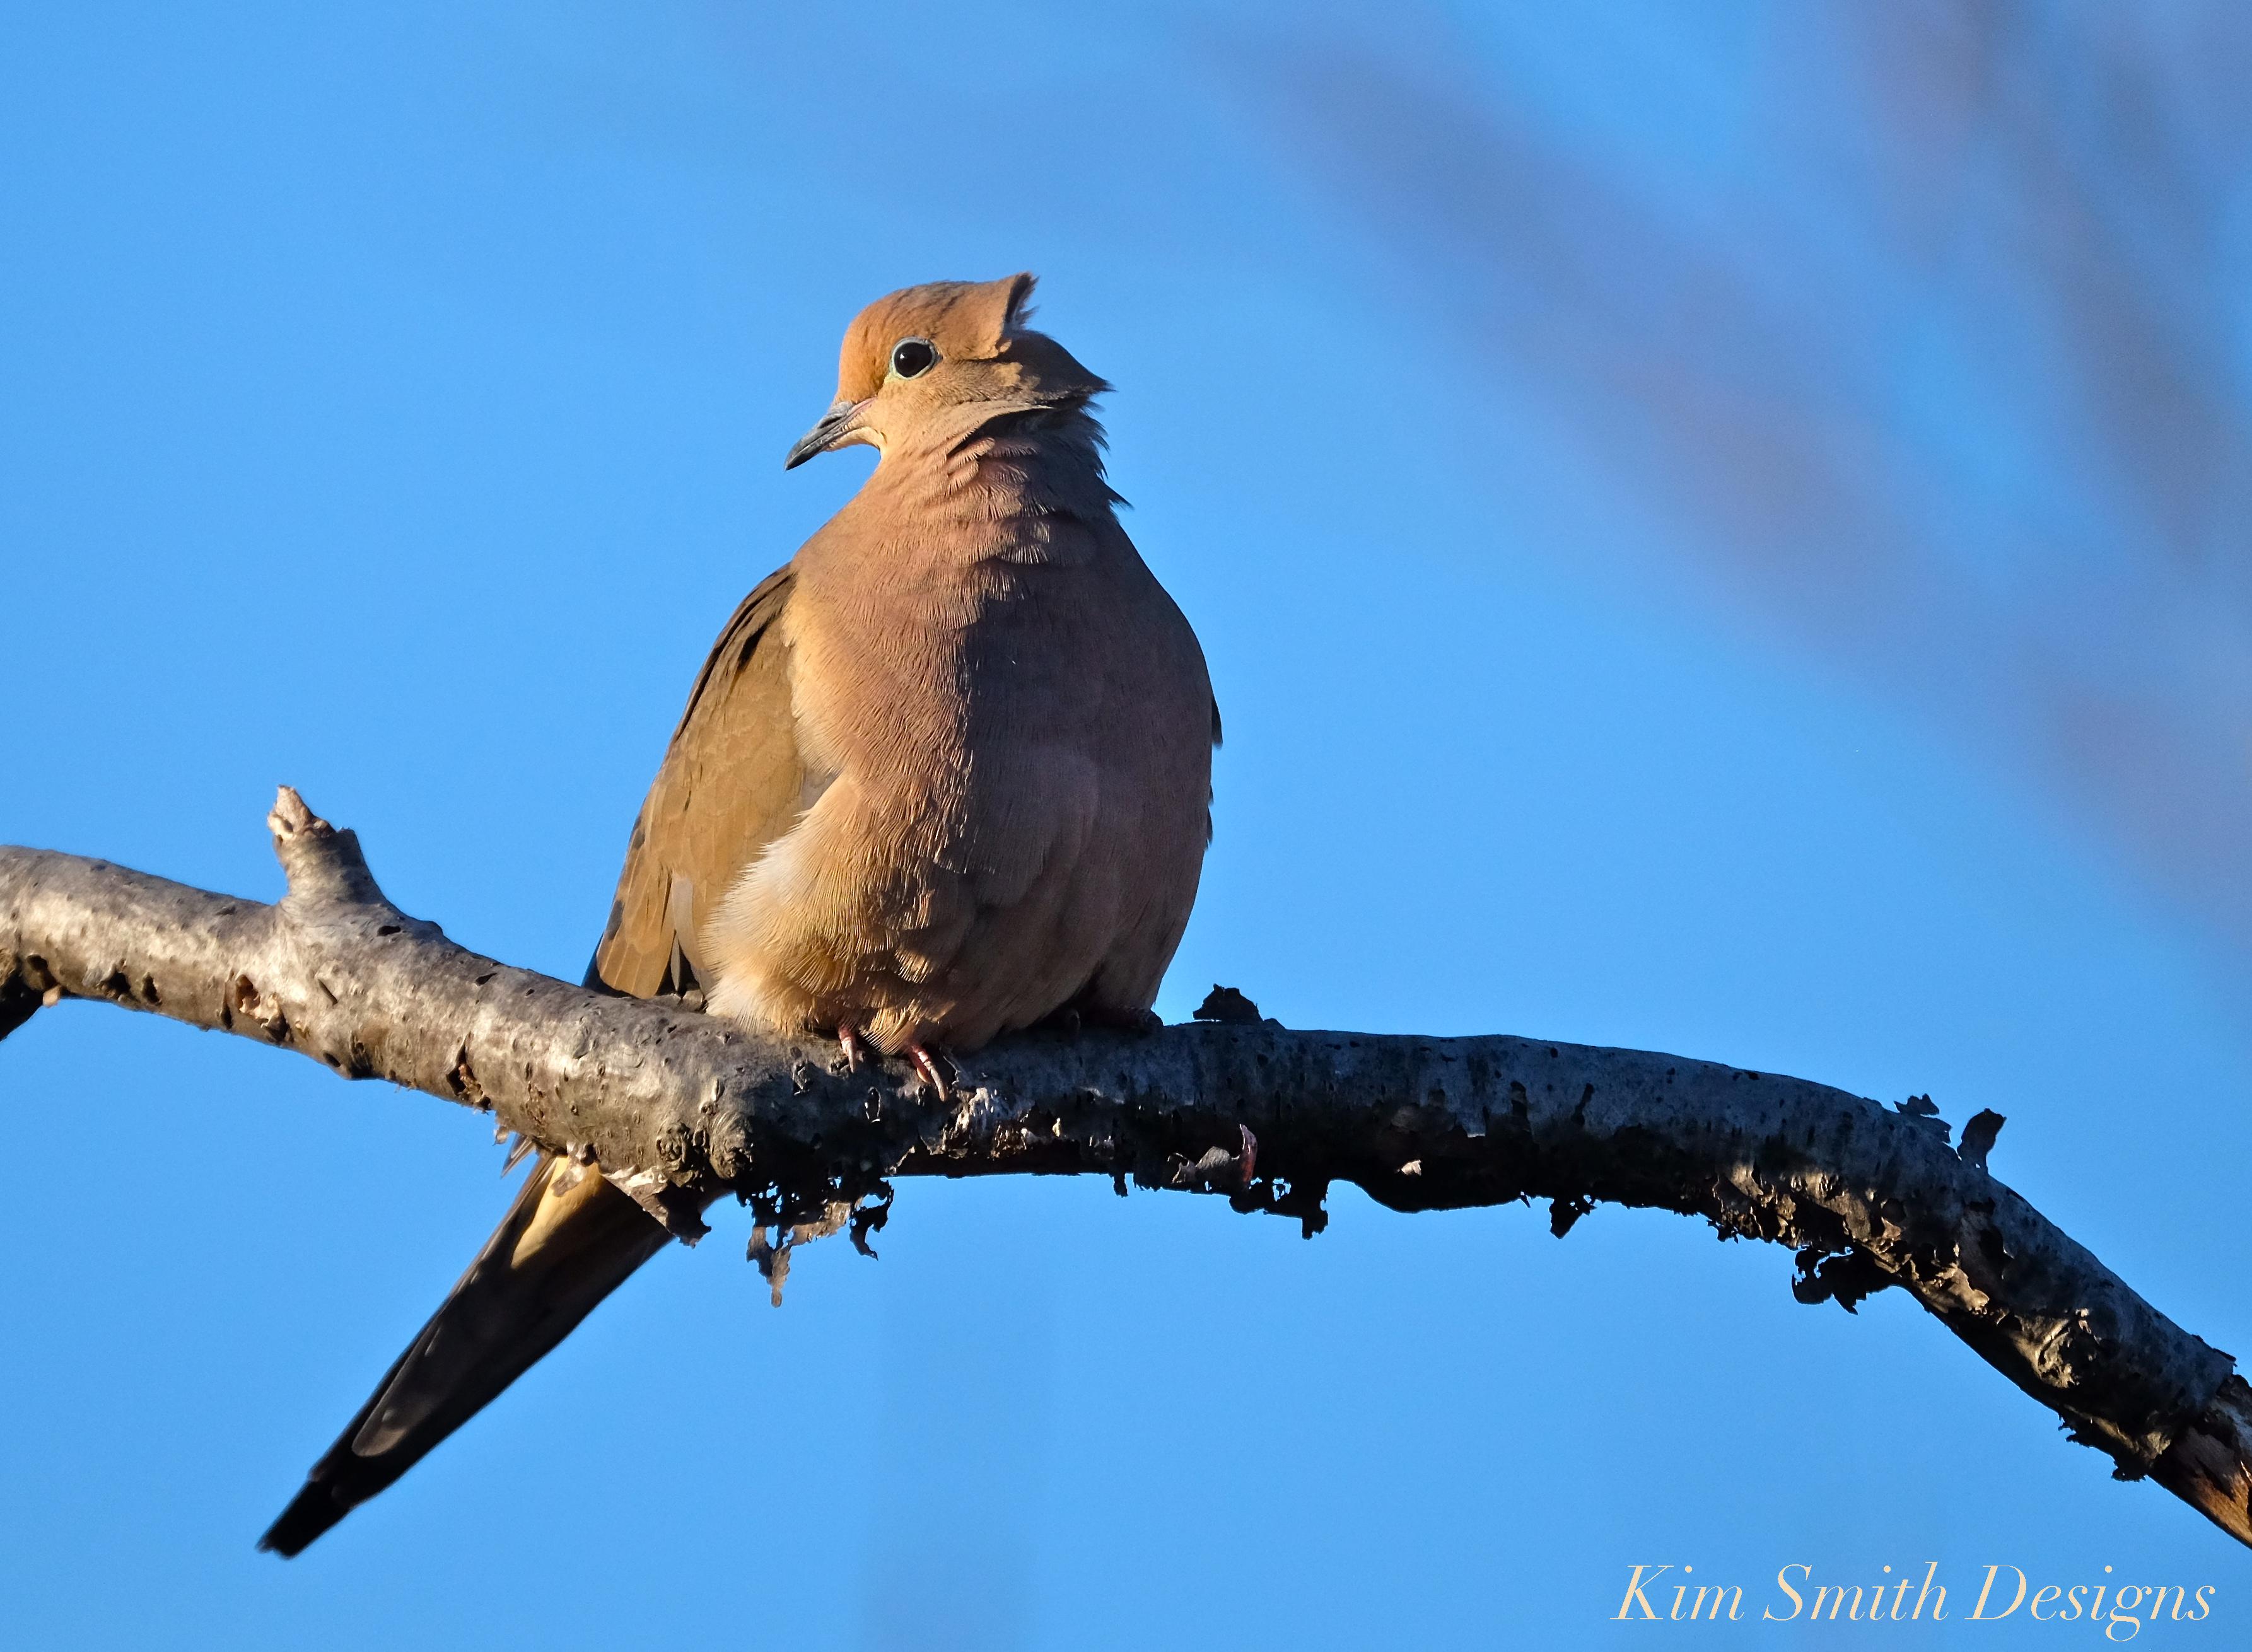 Bogue: Las palomas de luto construyen nidos tan terribles, ¿cómo sobreviven? - East Bay Times